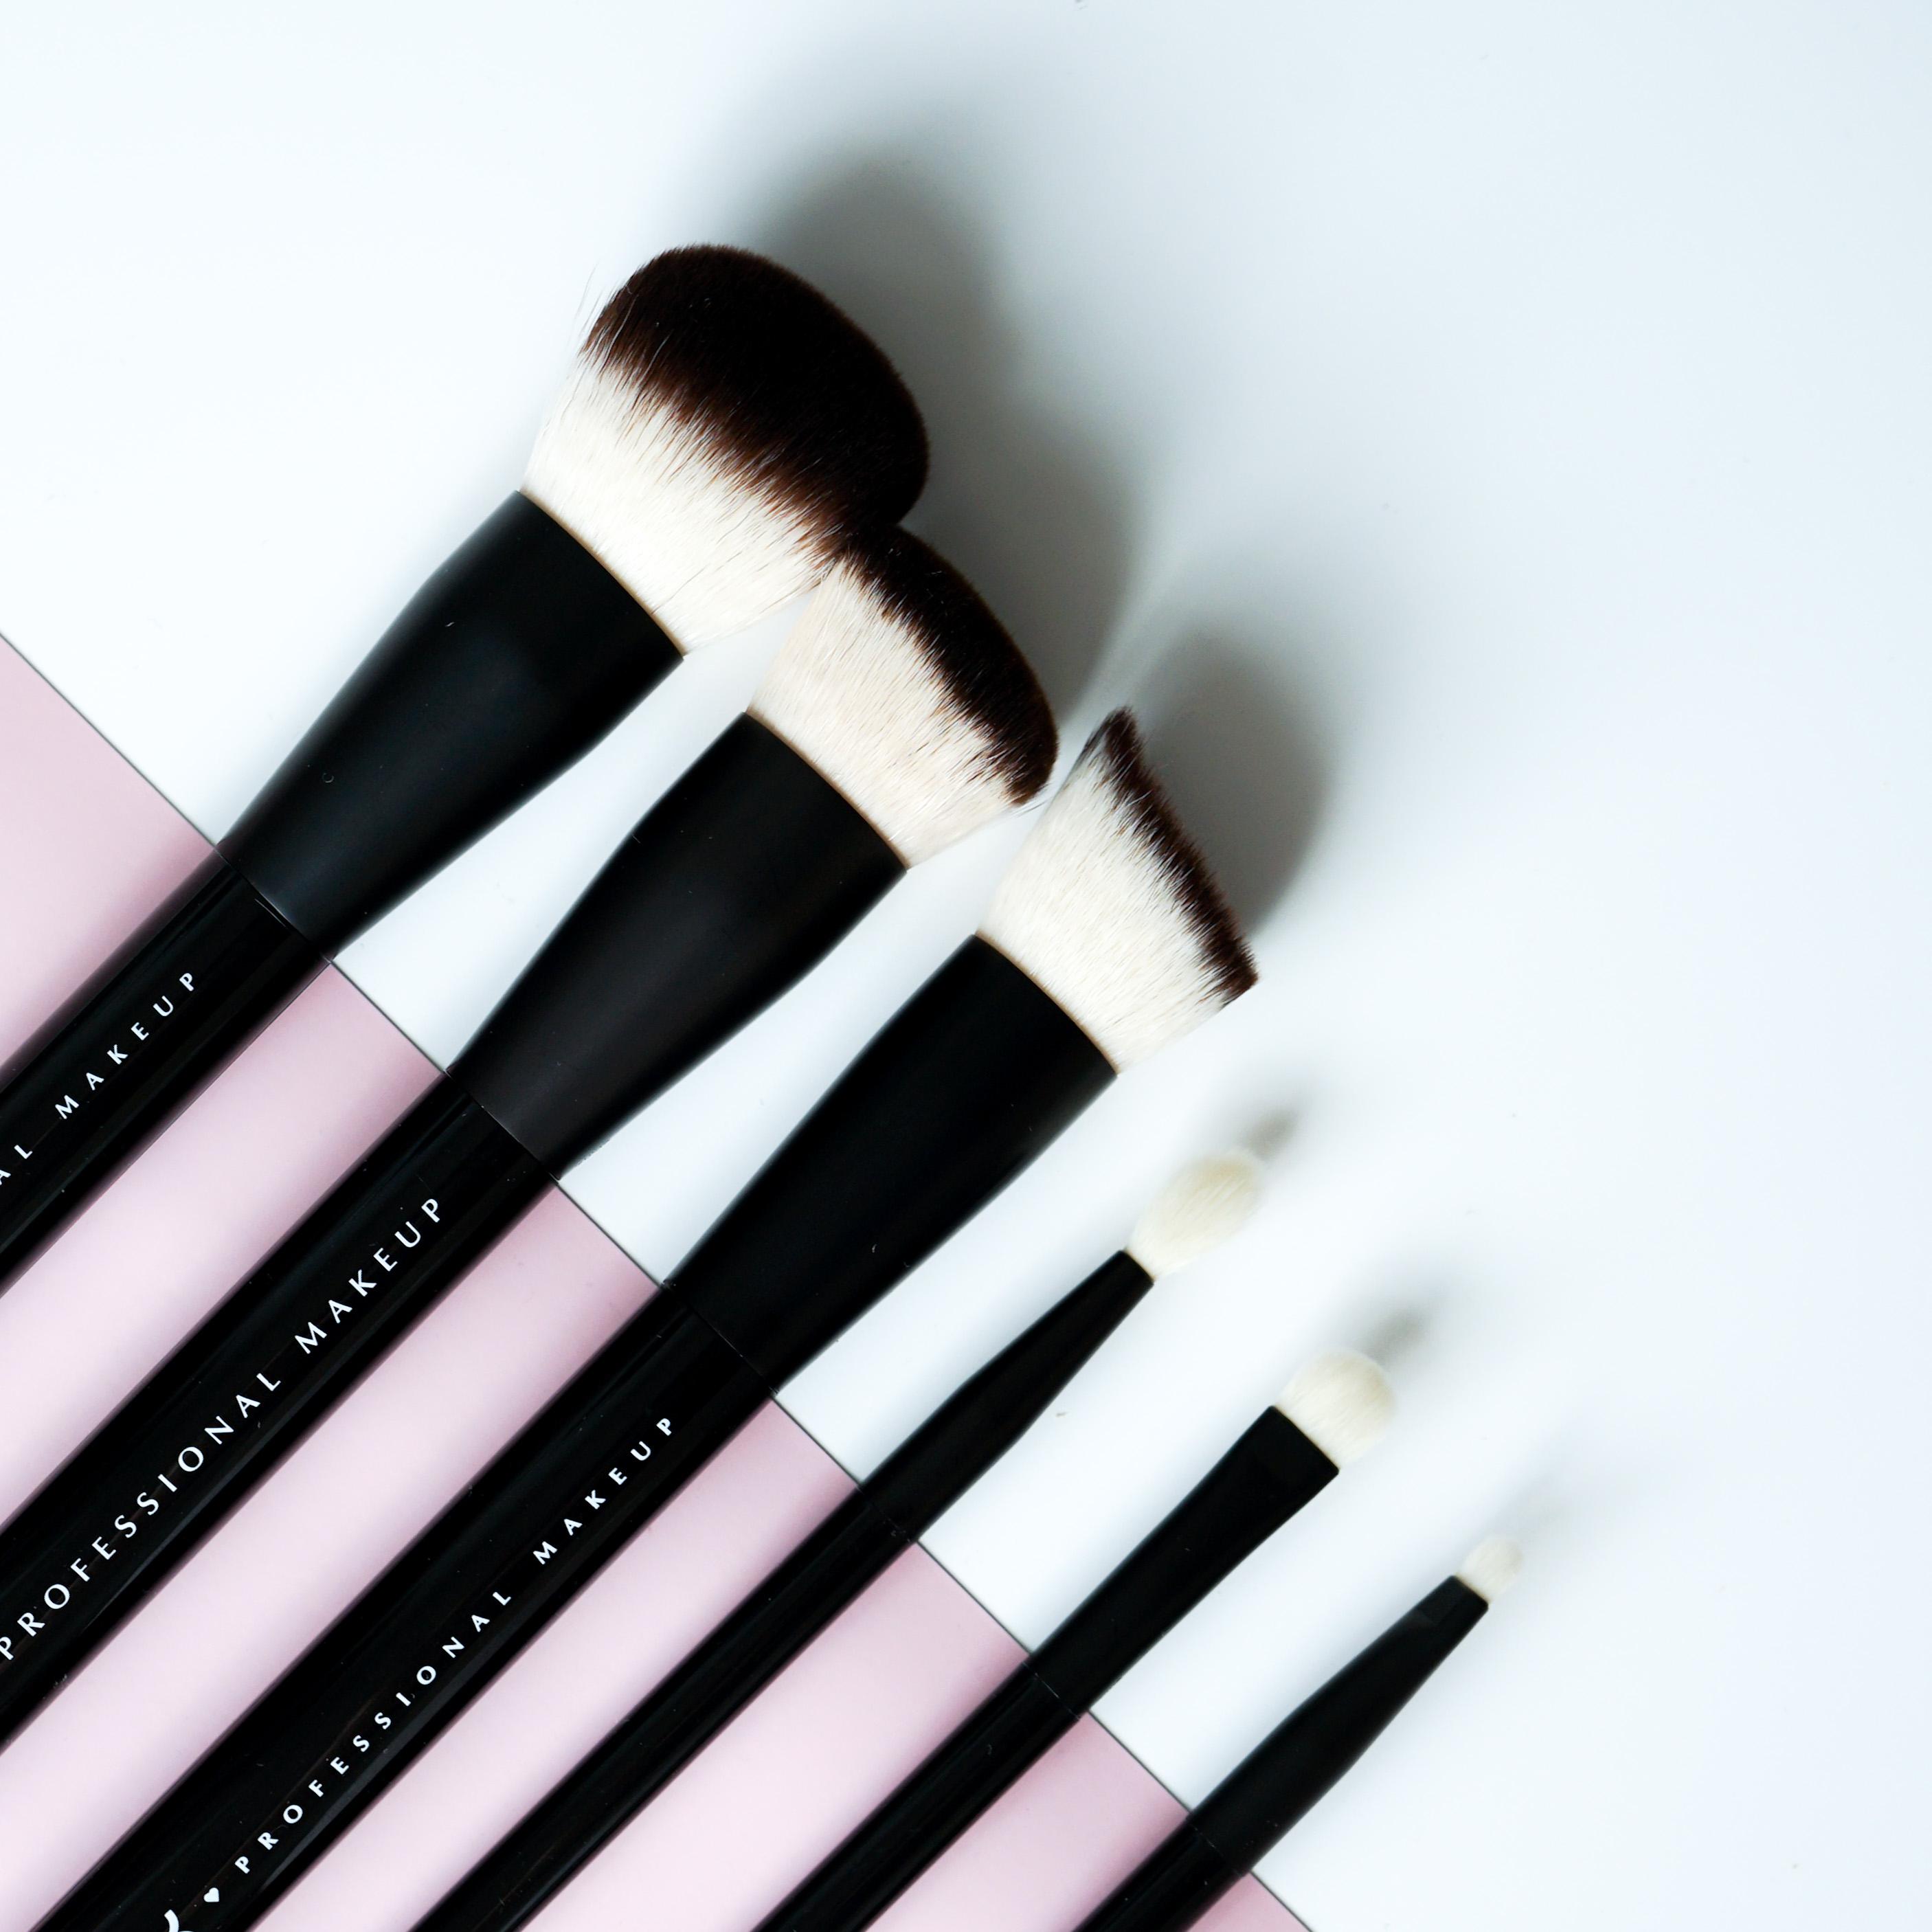 NYX Cosmetics valikoima tuotteita jopa -25%